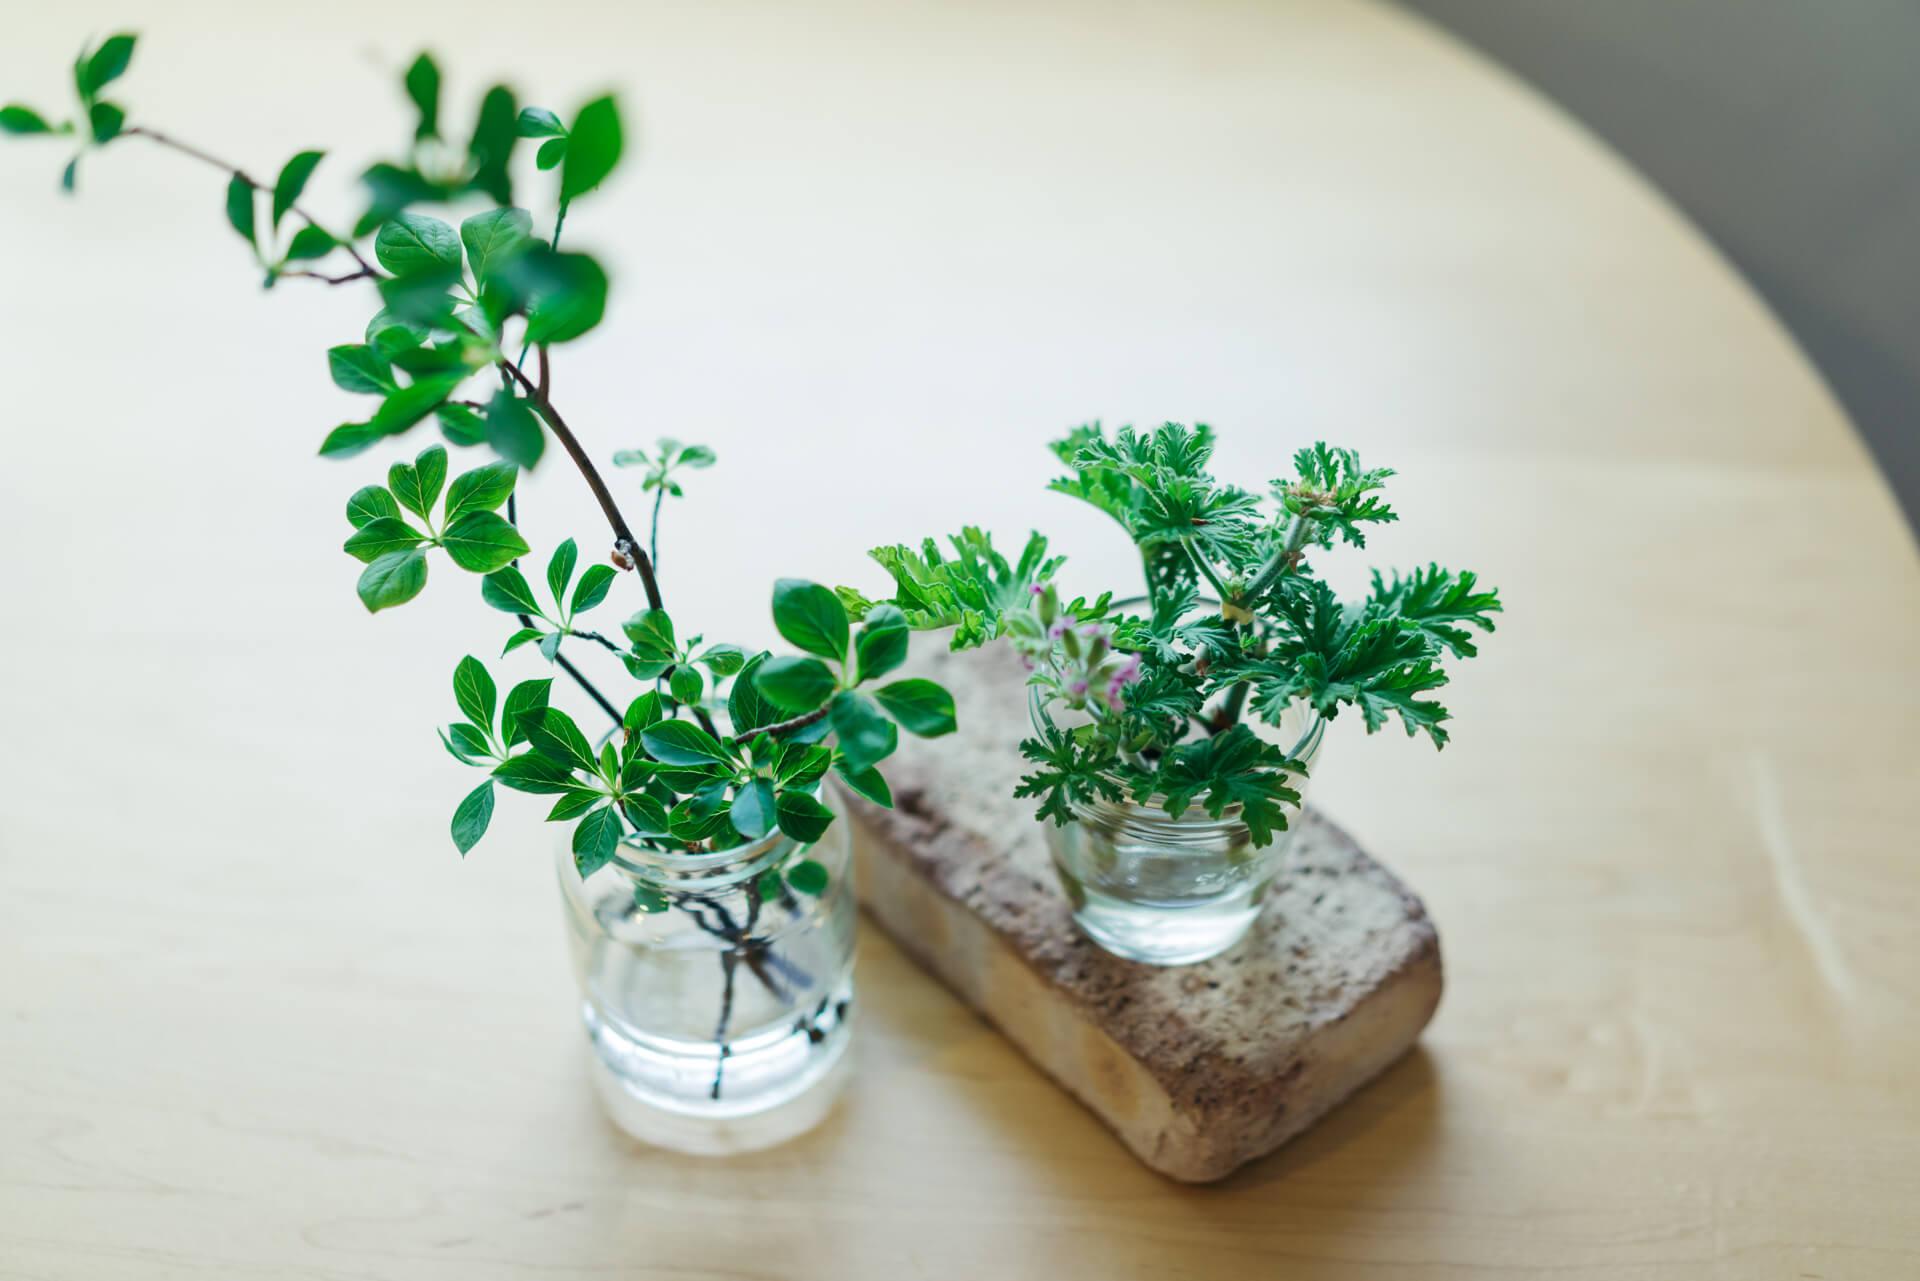 お花を「生ける」というと、これもまたちょっとハードルが高く感じられそうですが、小瓶に1輪ずつ並べるということであれば、スキルはいりません。また統一感のある雰囲気が生まれます。(この画像の詳細はこちら)